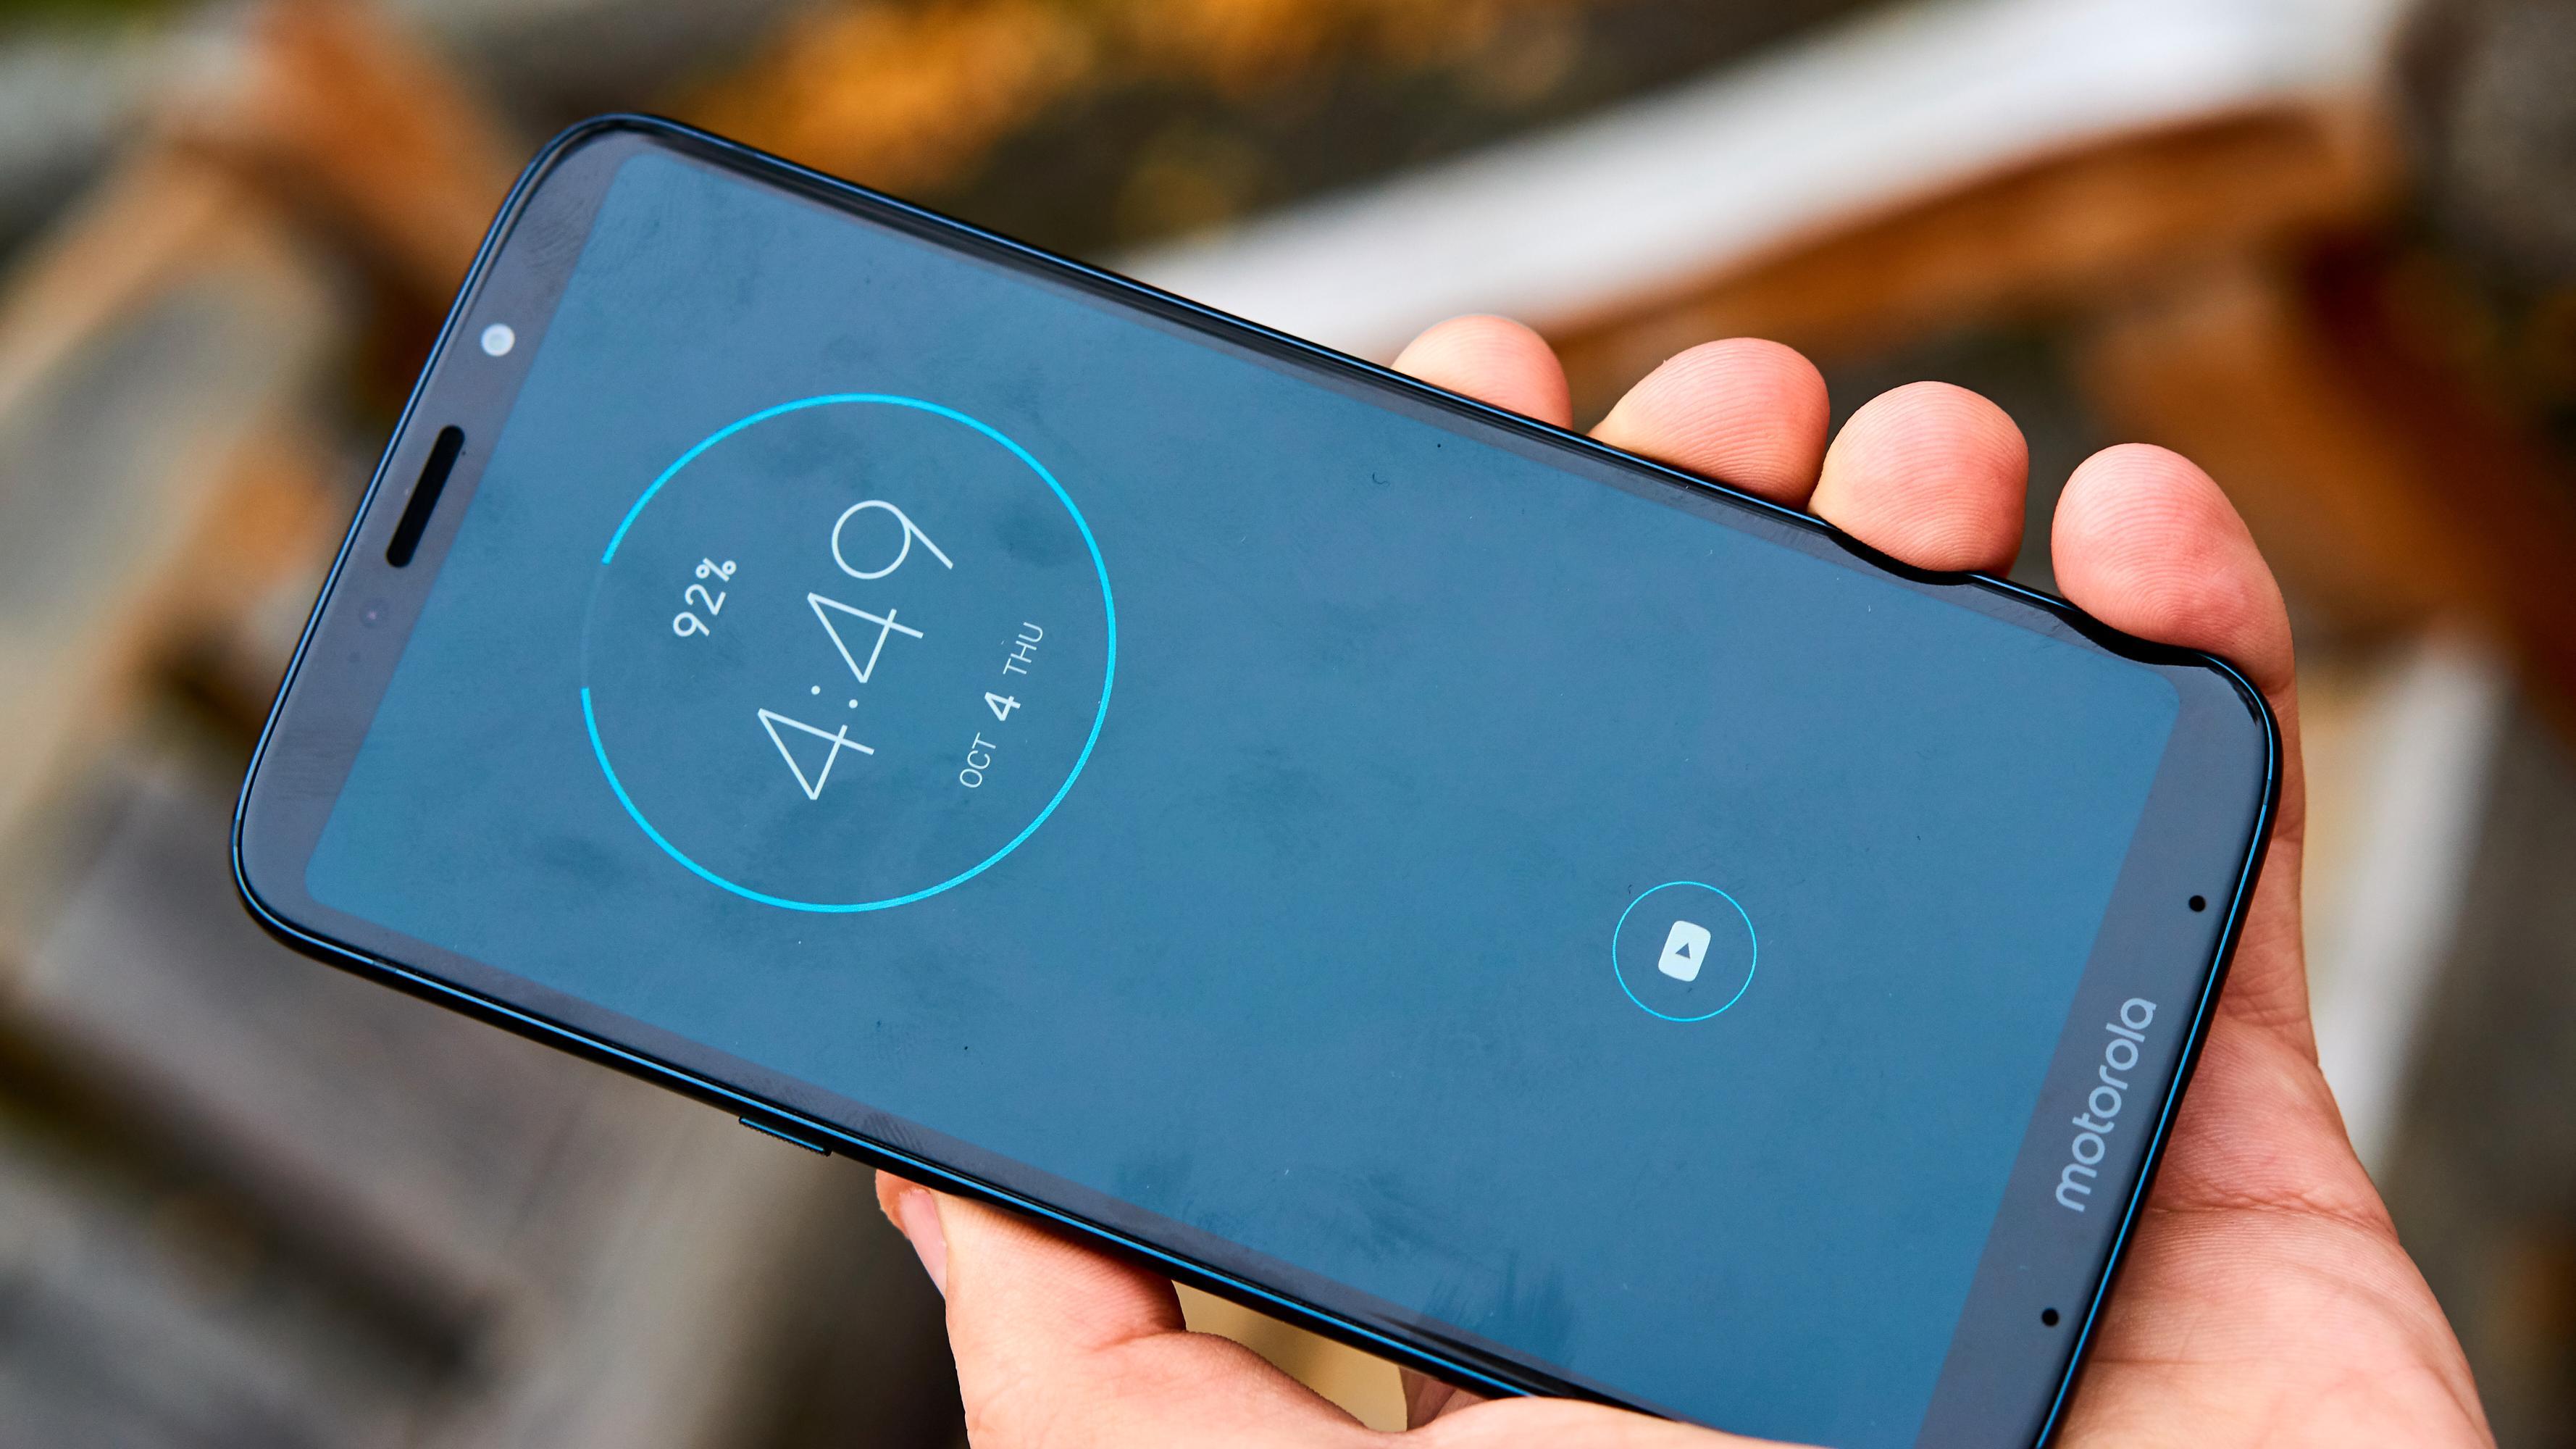 «Always On Display» gir mye mer mening her enn på Moto G6 Plus, grunnet OLED-panelet.